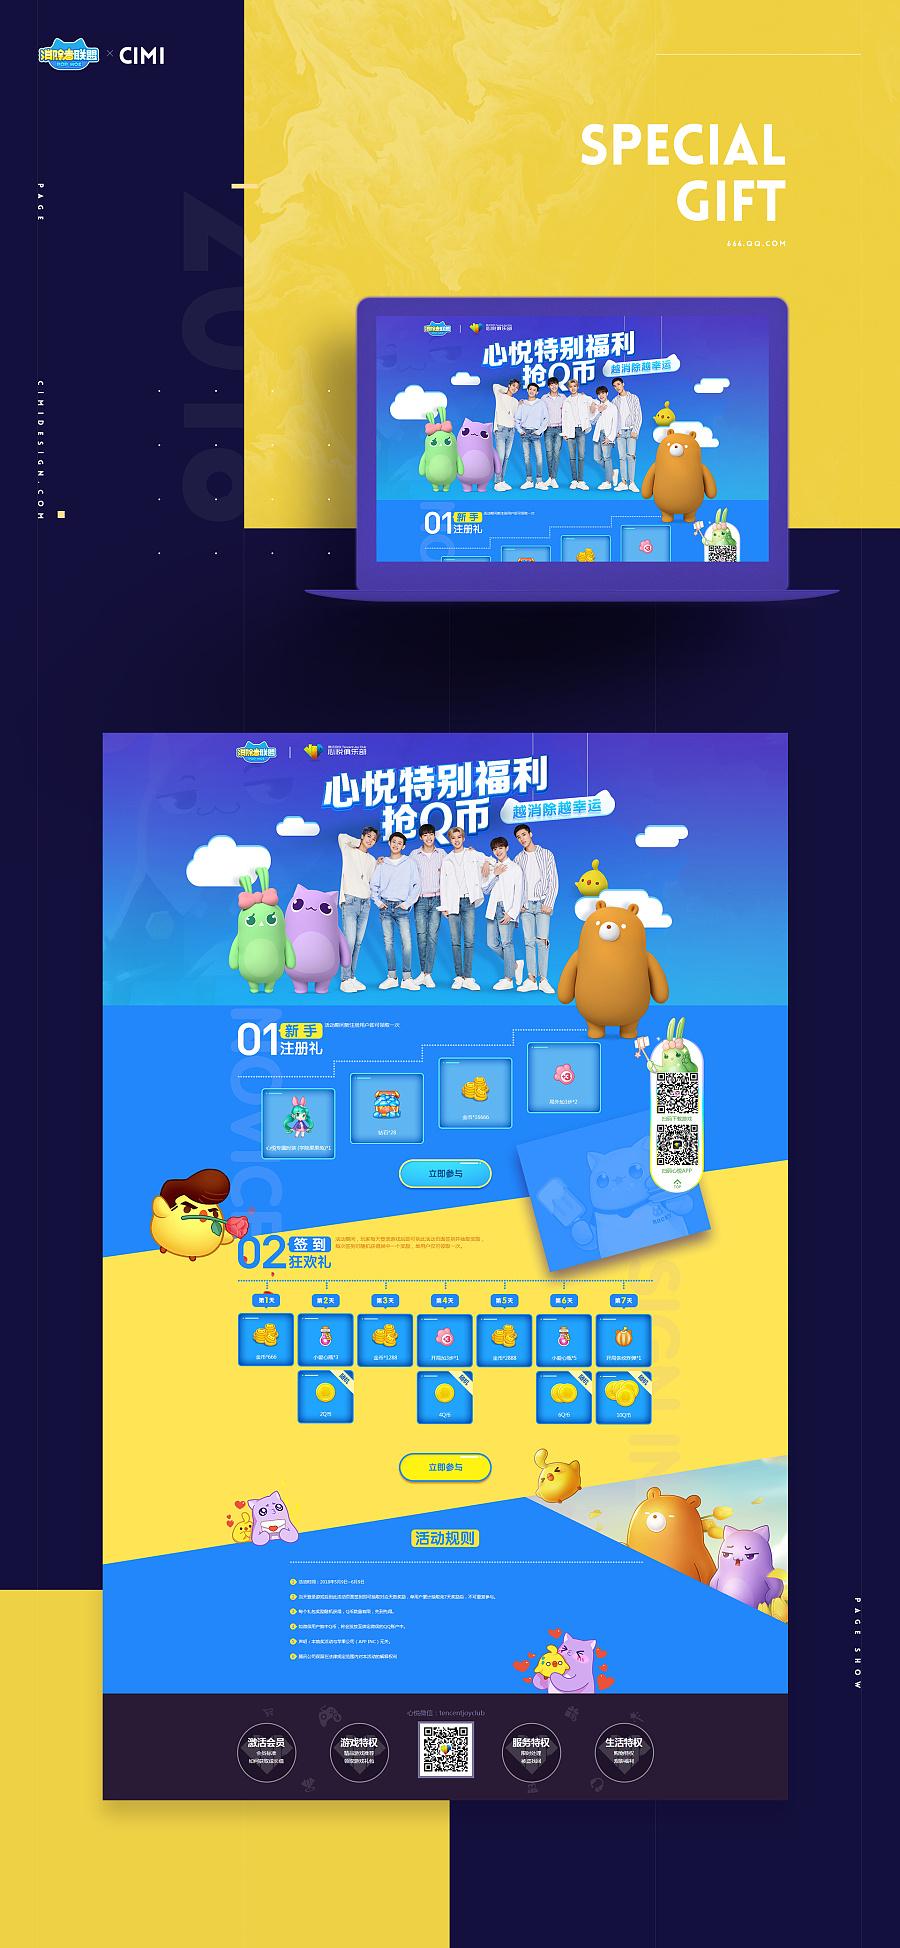 查看《【CIMI/欣米】休闲类游戏合集》原图,原图尺寸:1920x4155